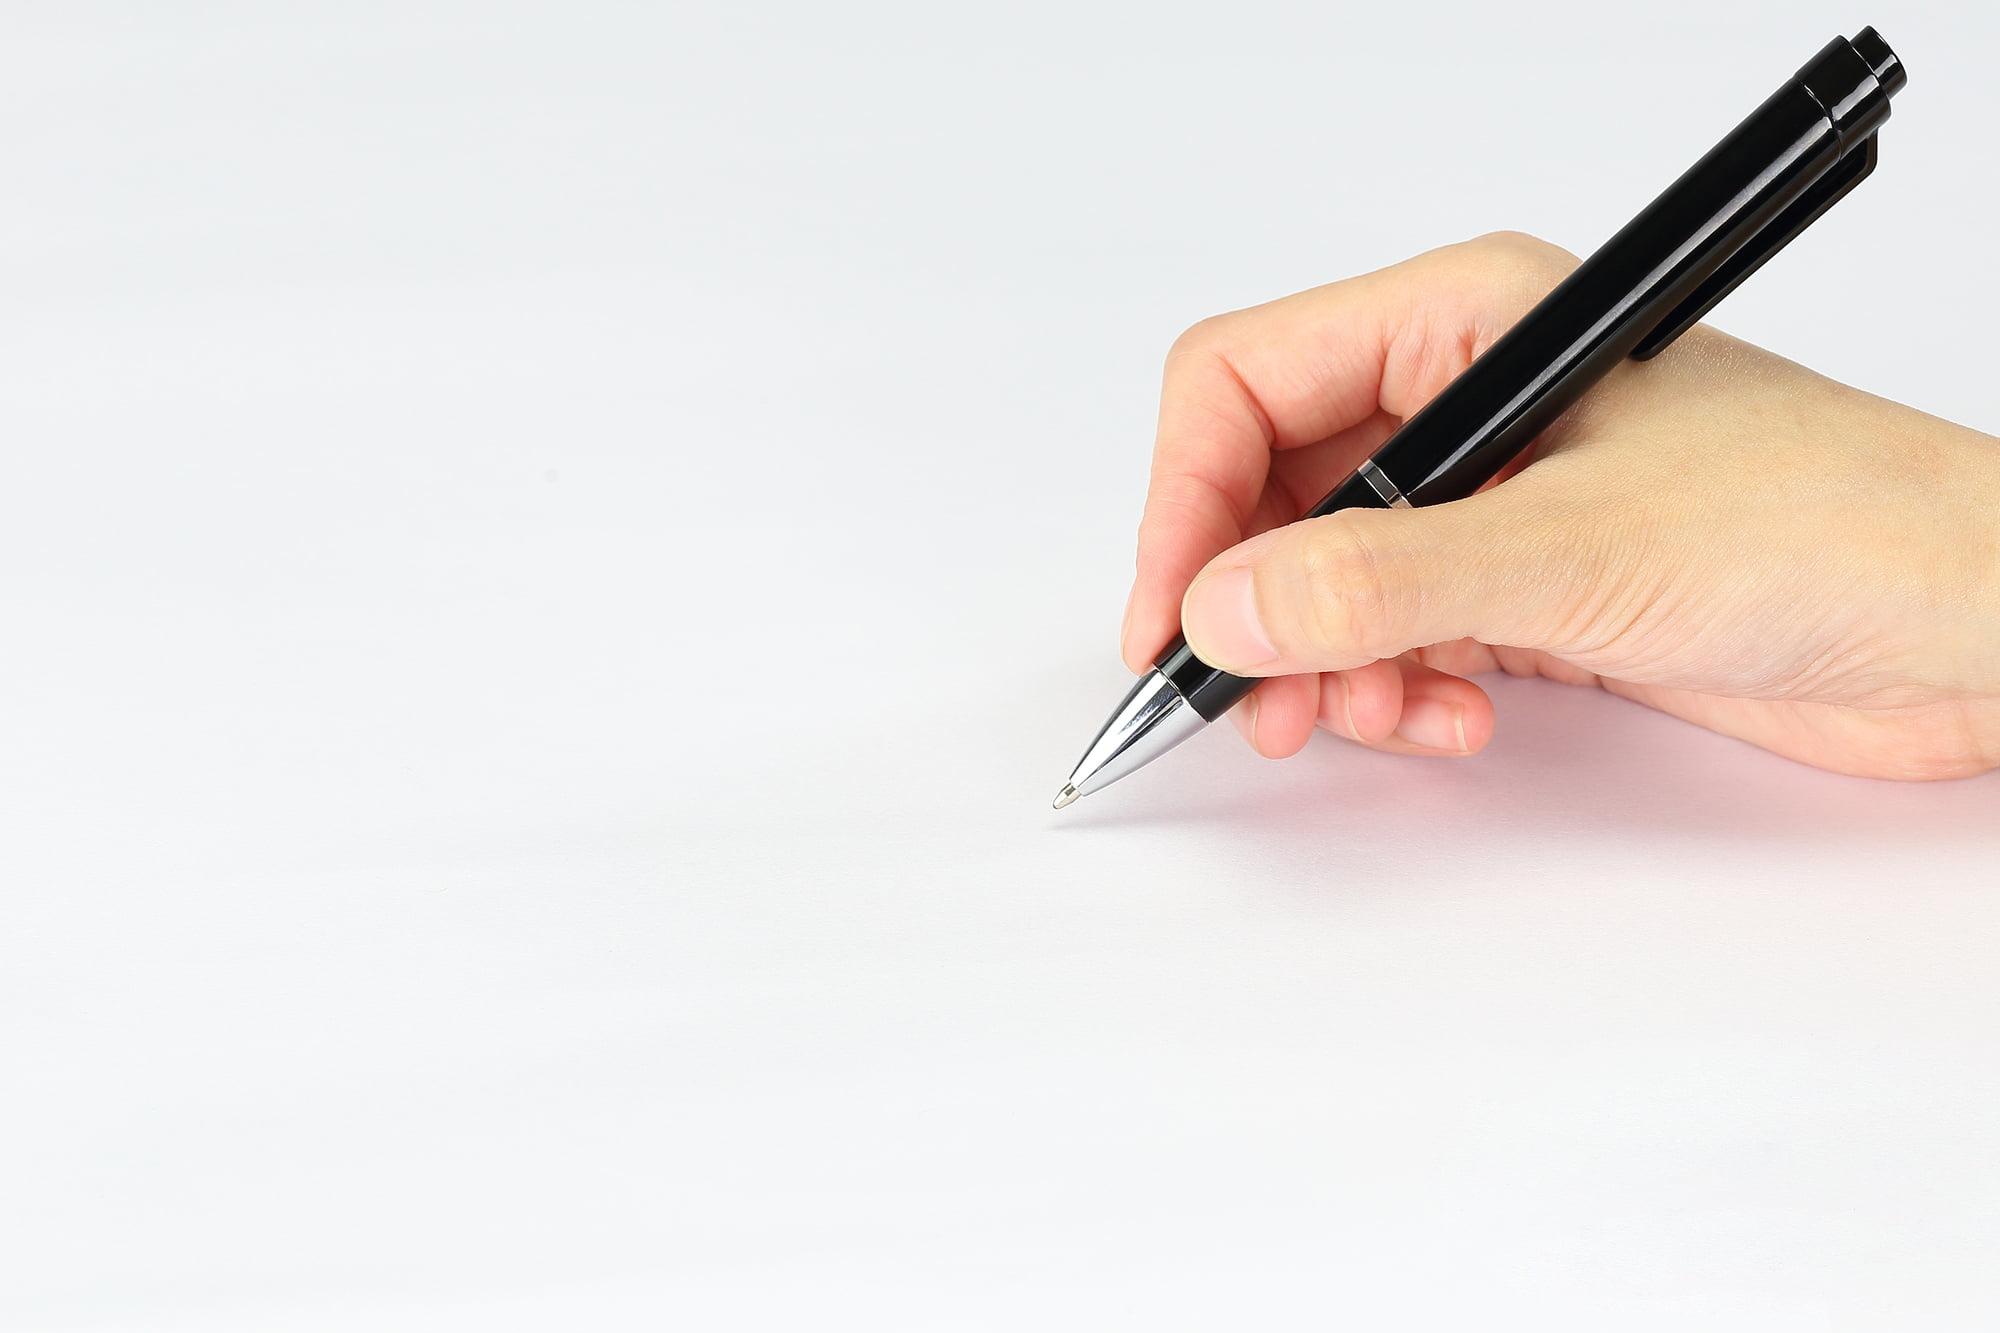 ボールペンで何かを書こうとする人の手